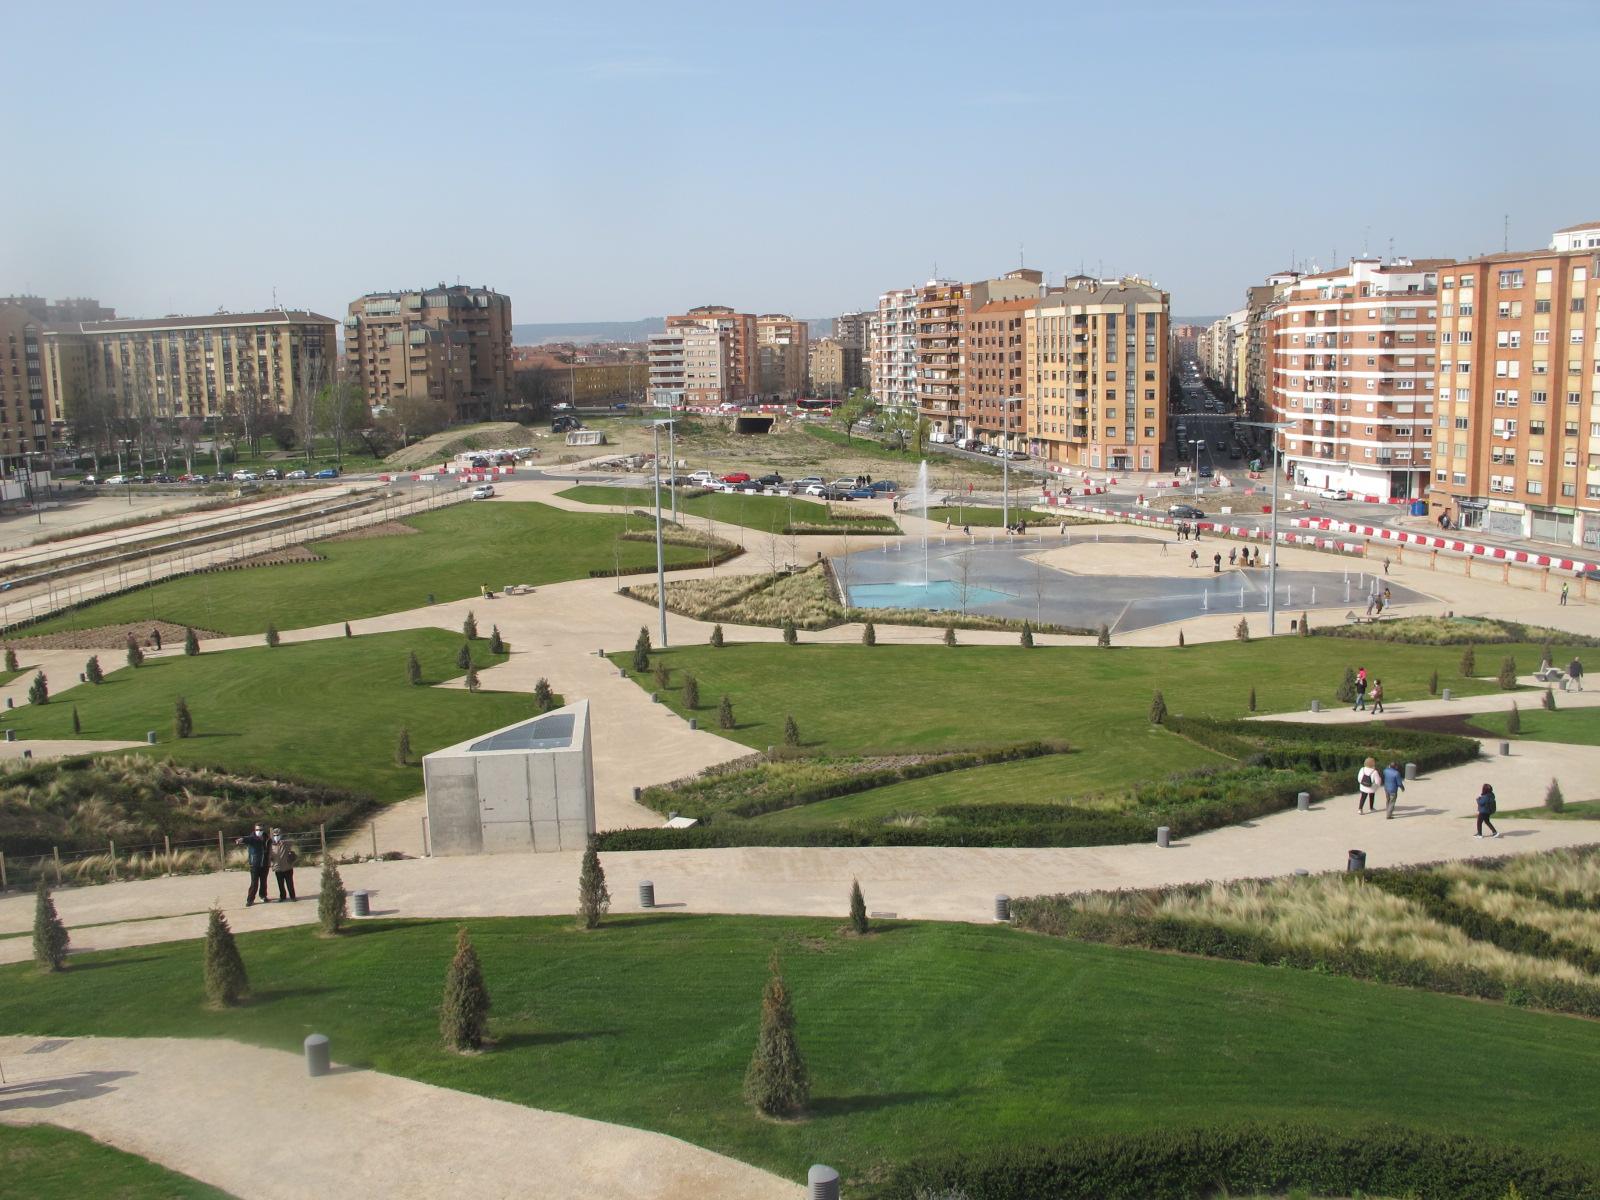 Vista del parque desde la colina